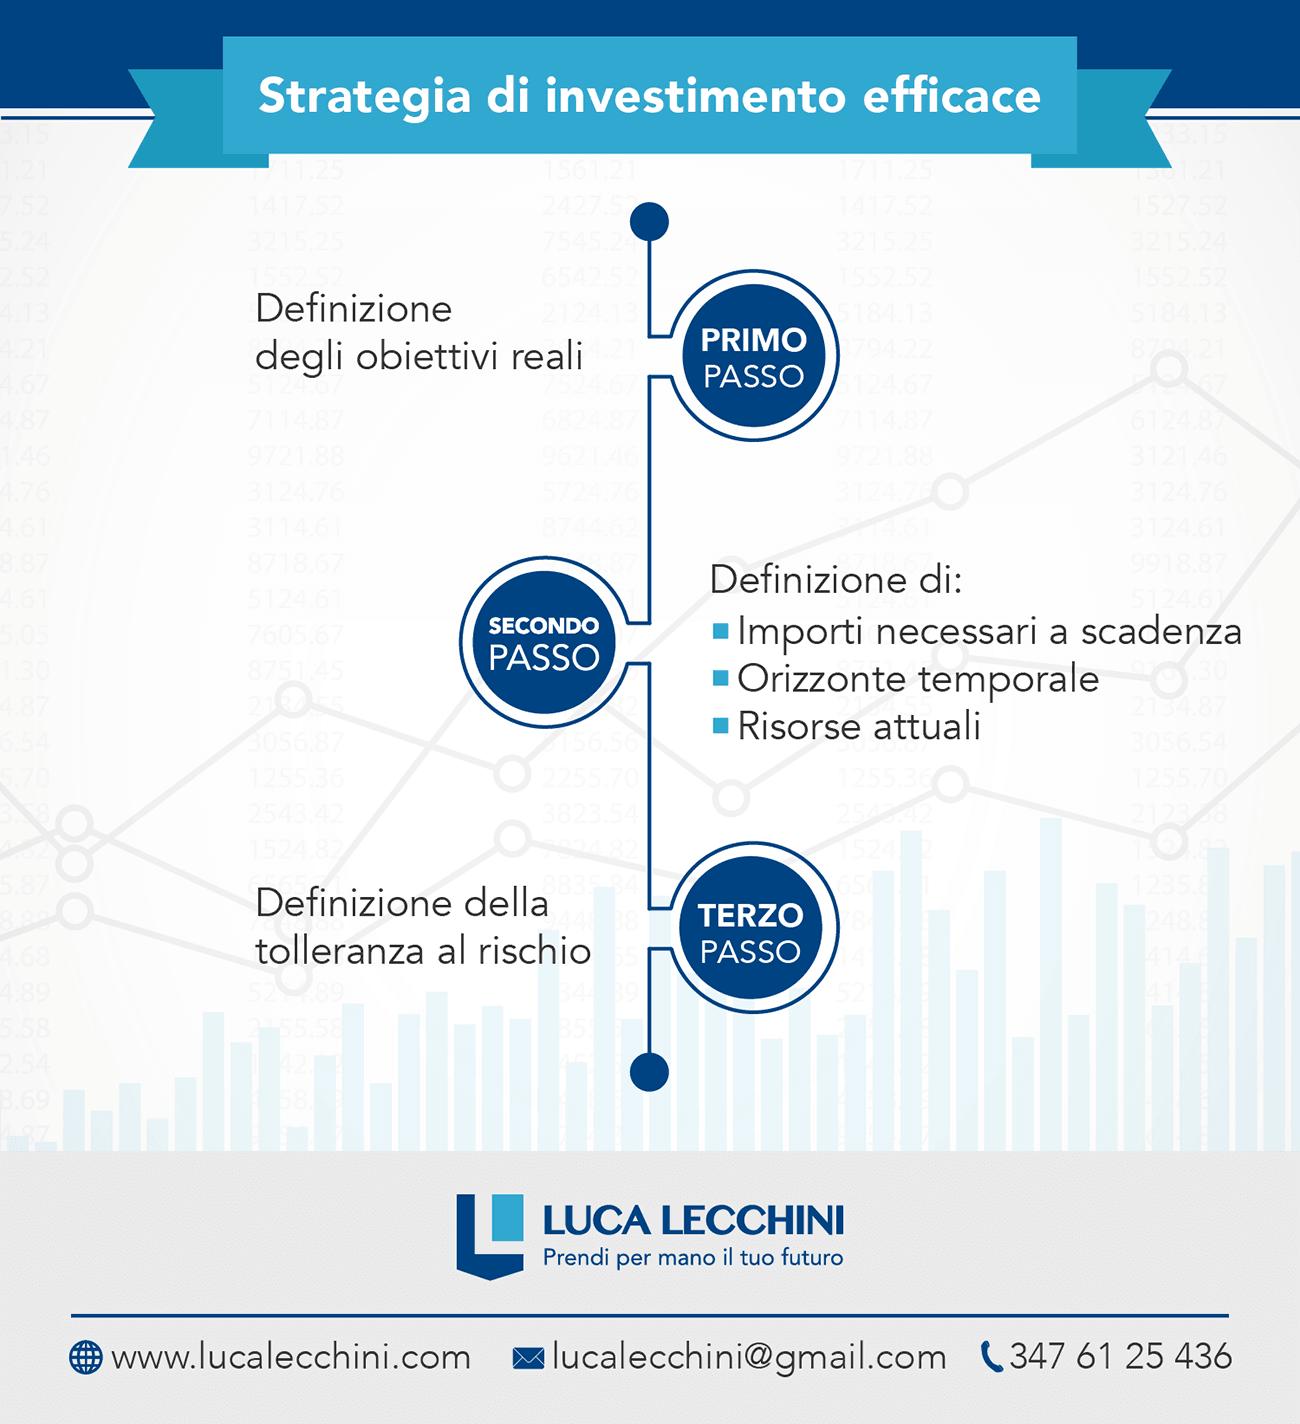 Infografica su strategia di investimento efficace